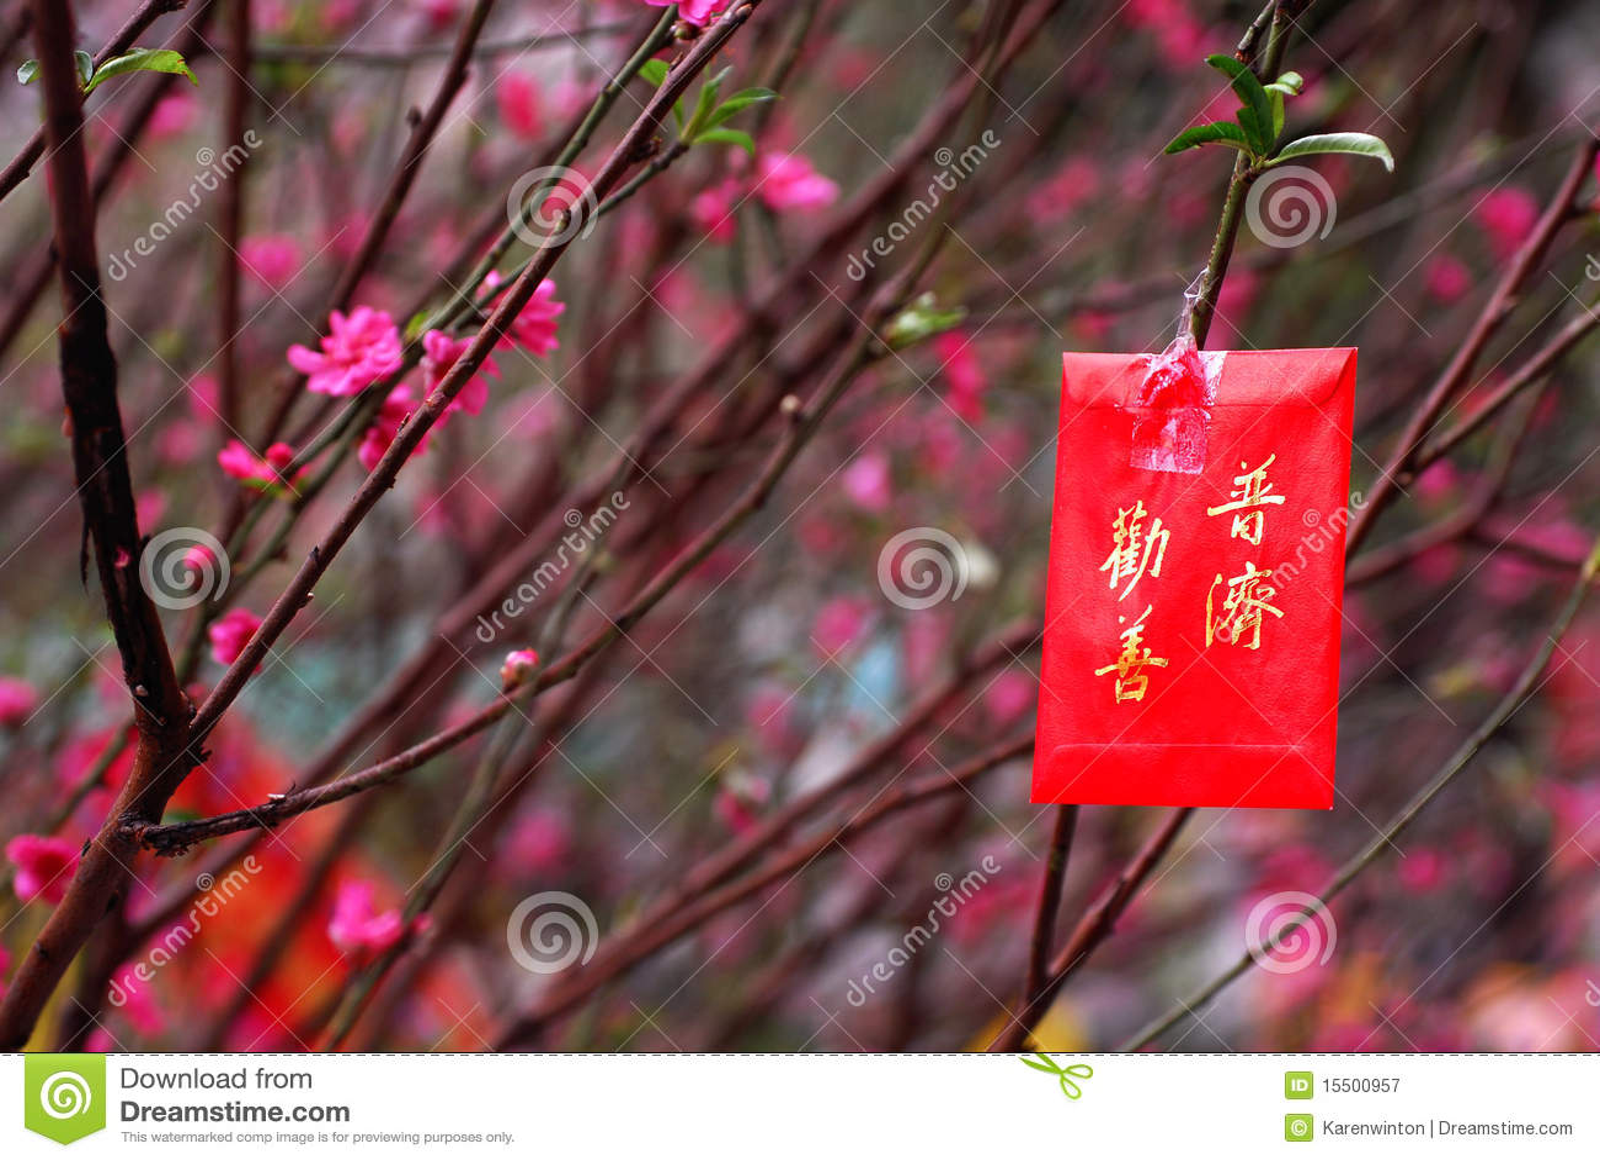 Imágenes chinas del Año Nuevo